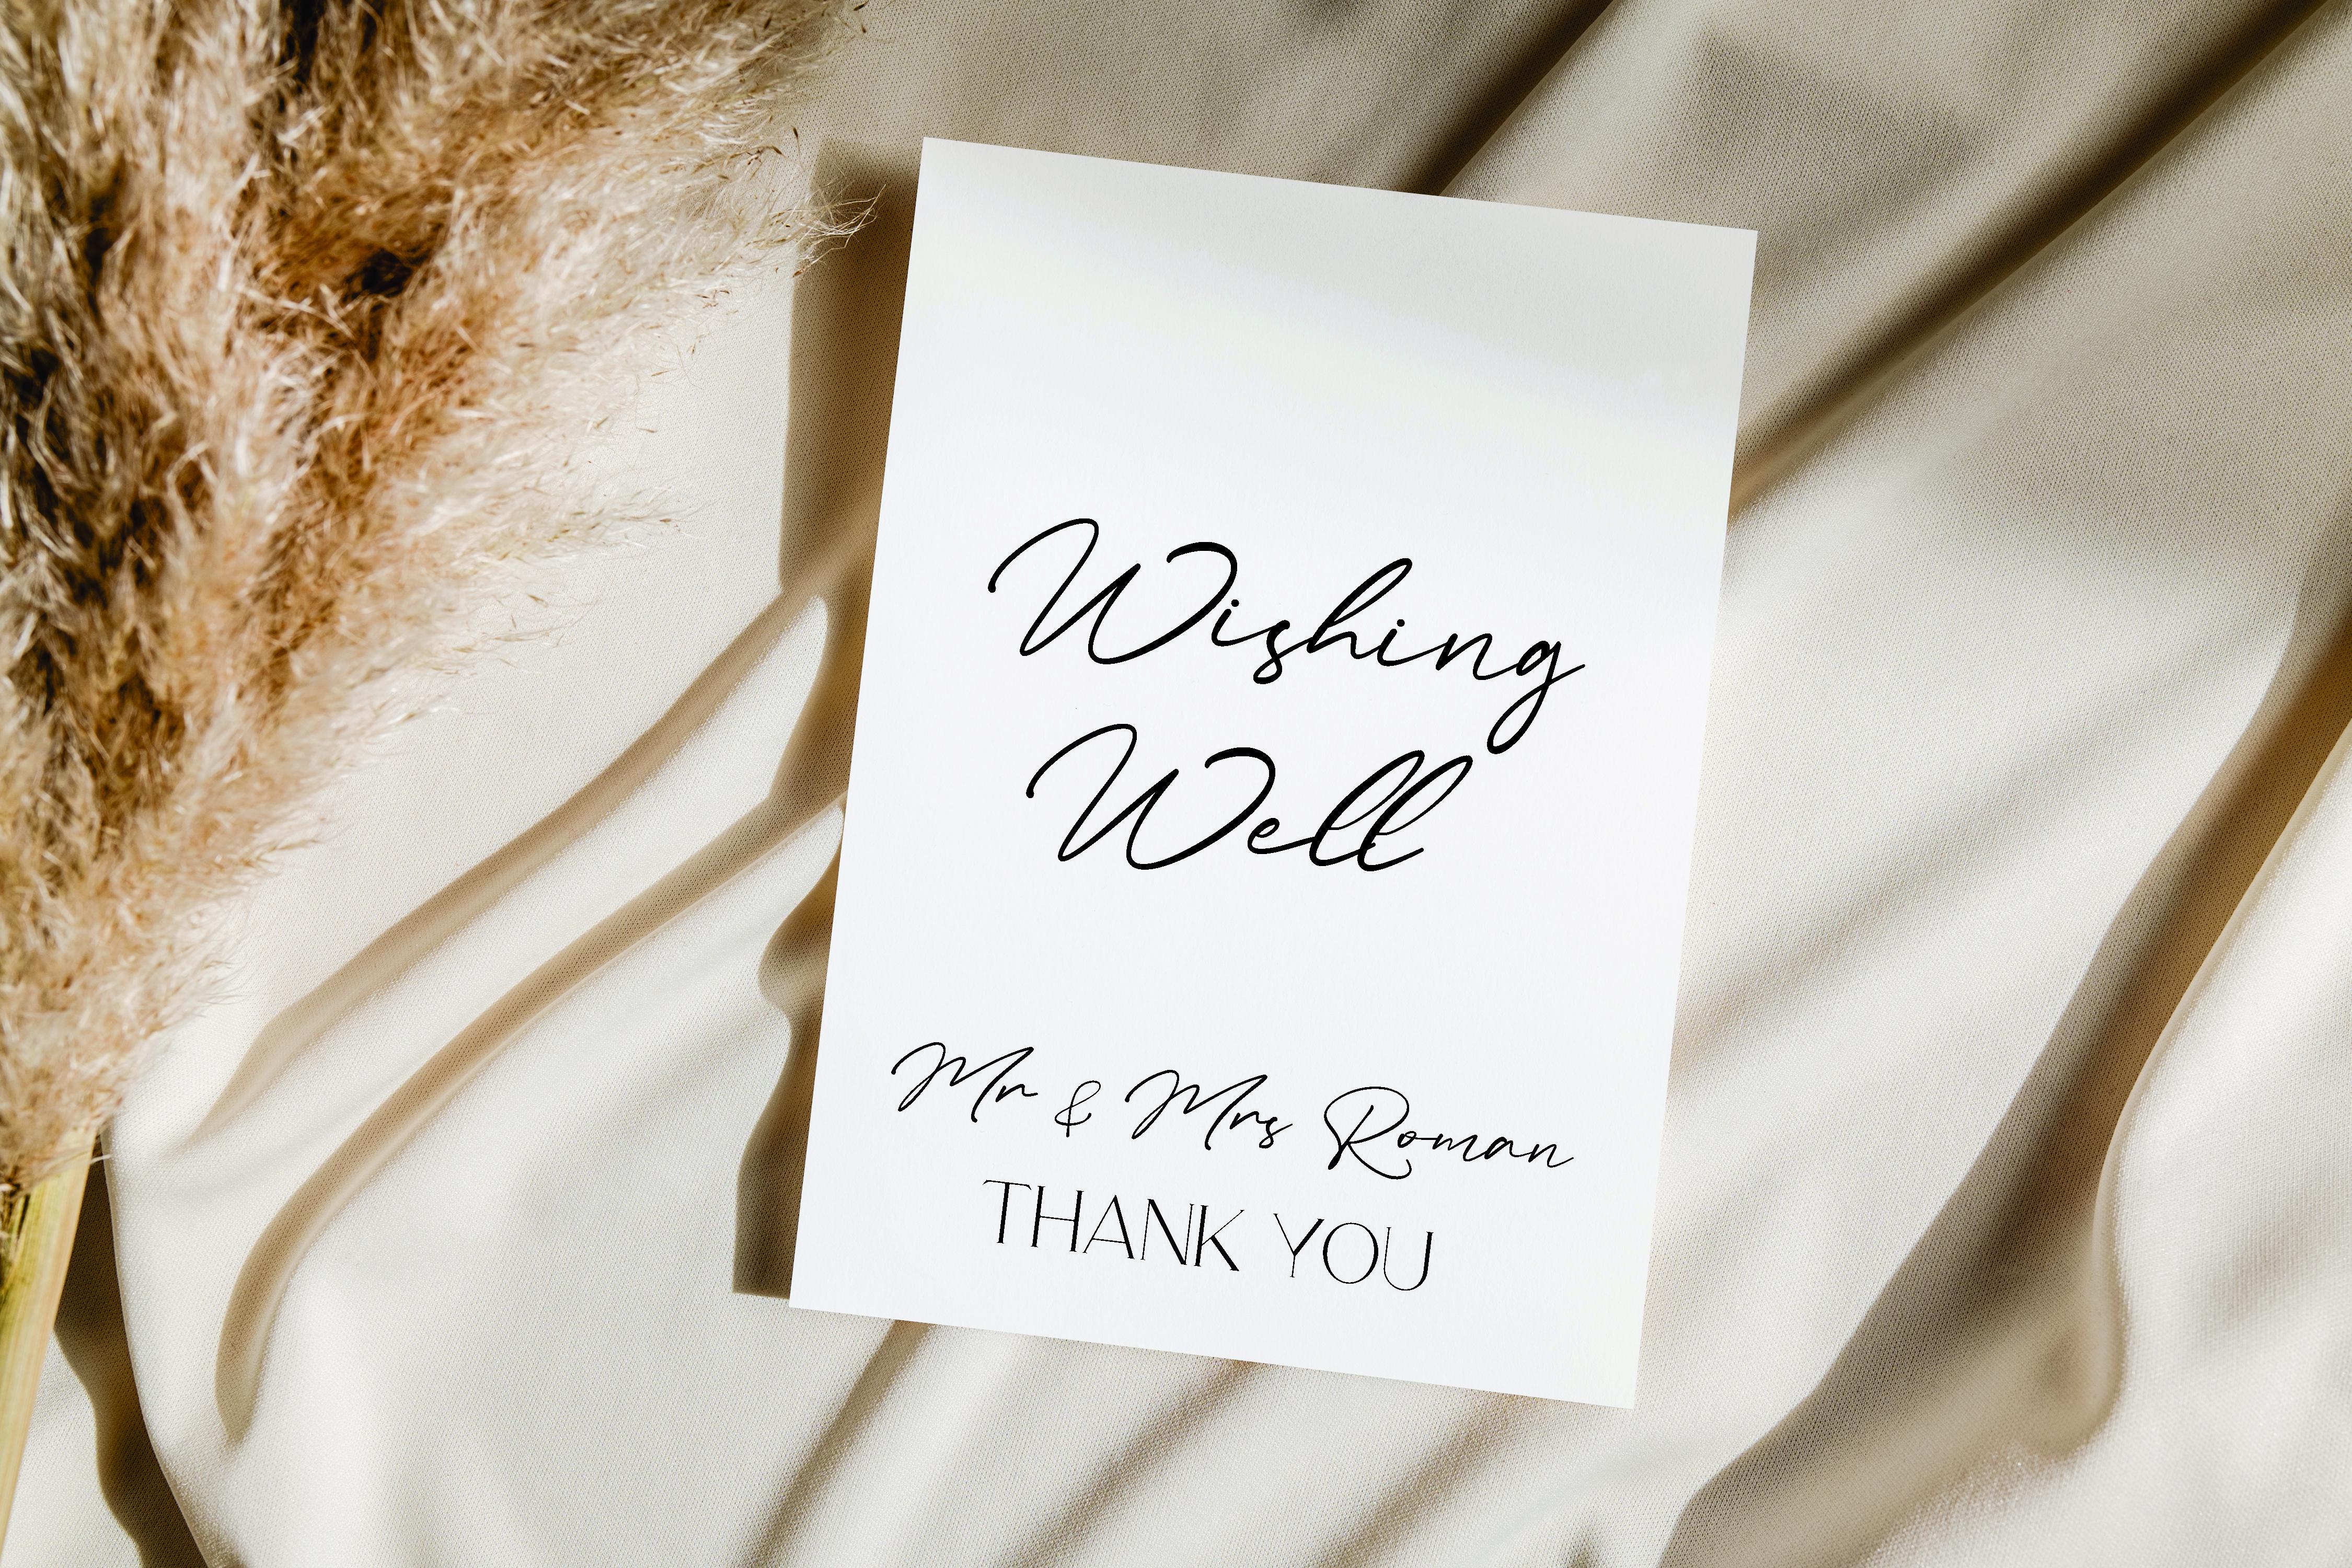 Personalised Wishing Well acrylic sign